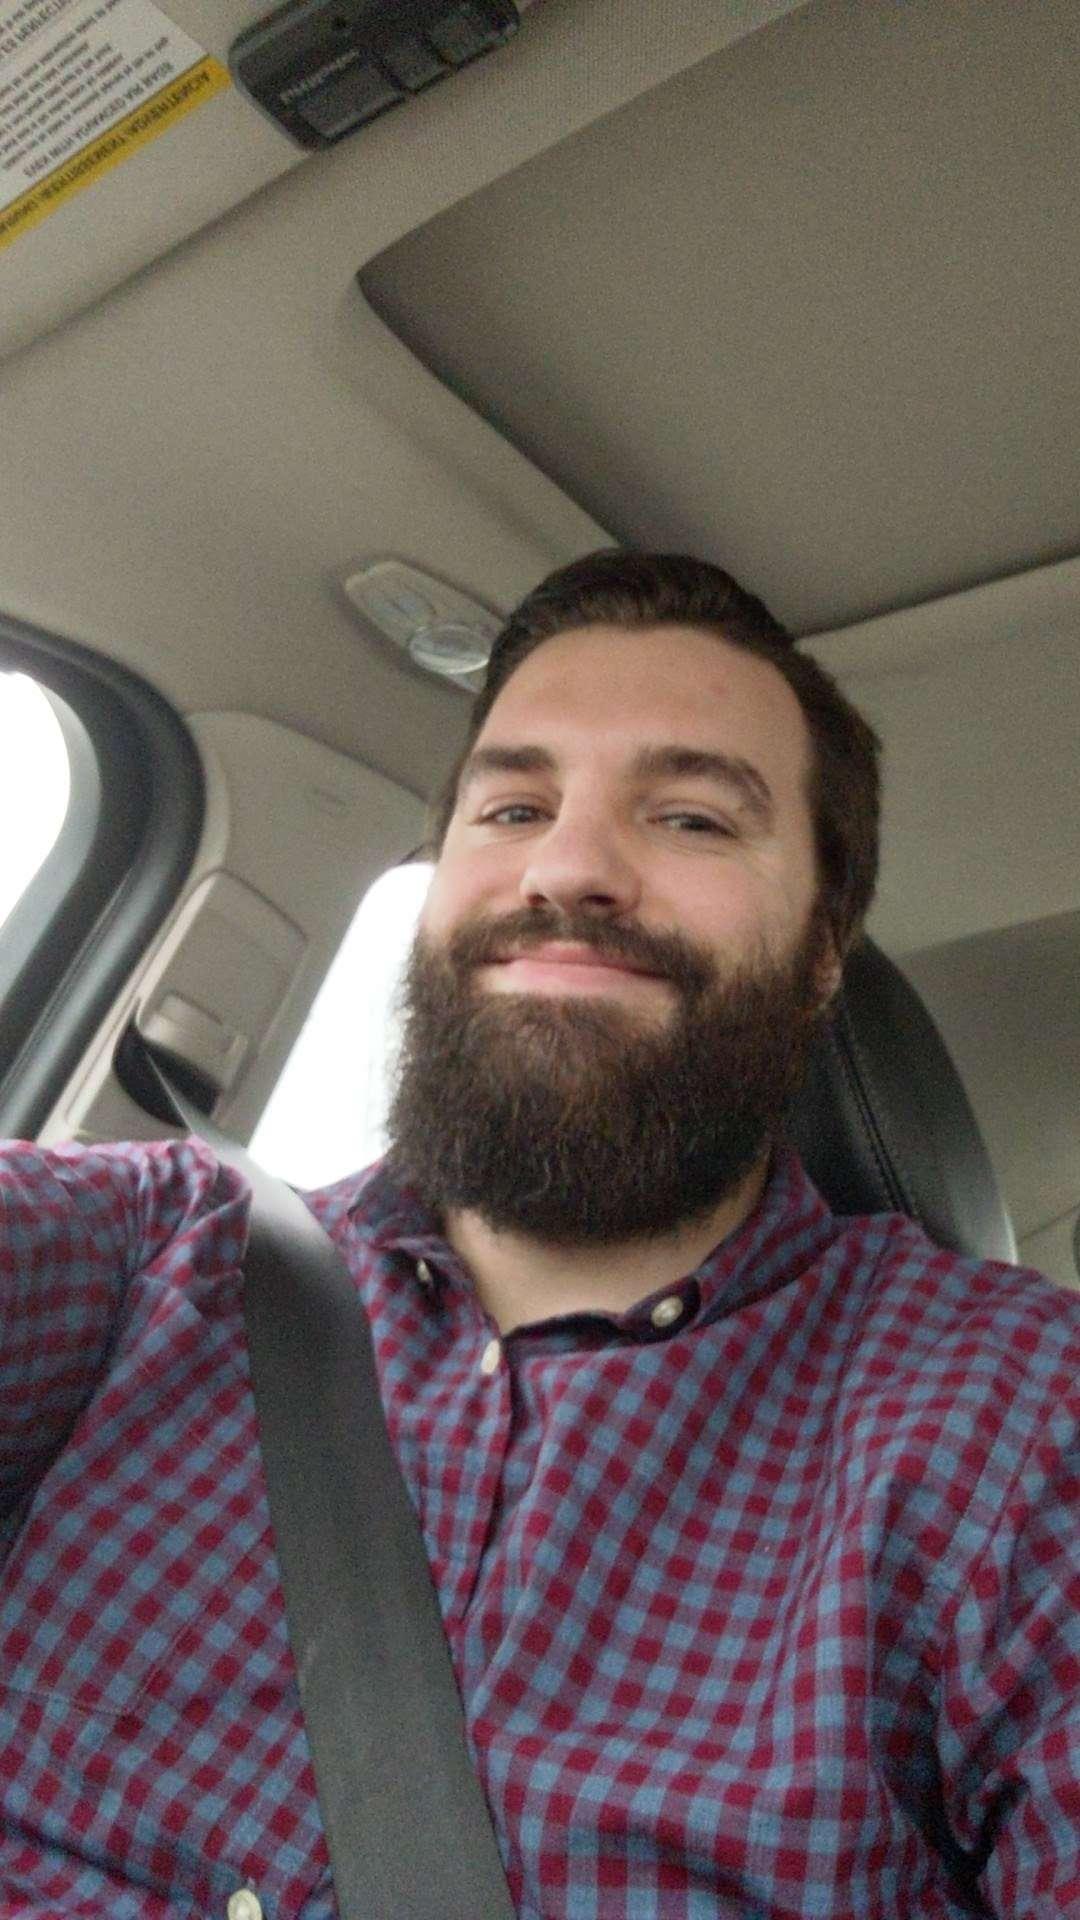 Jake McCausland's profile image